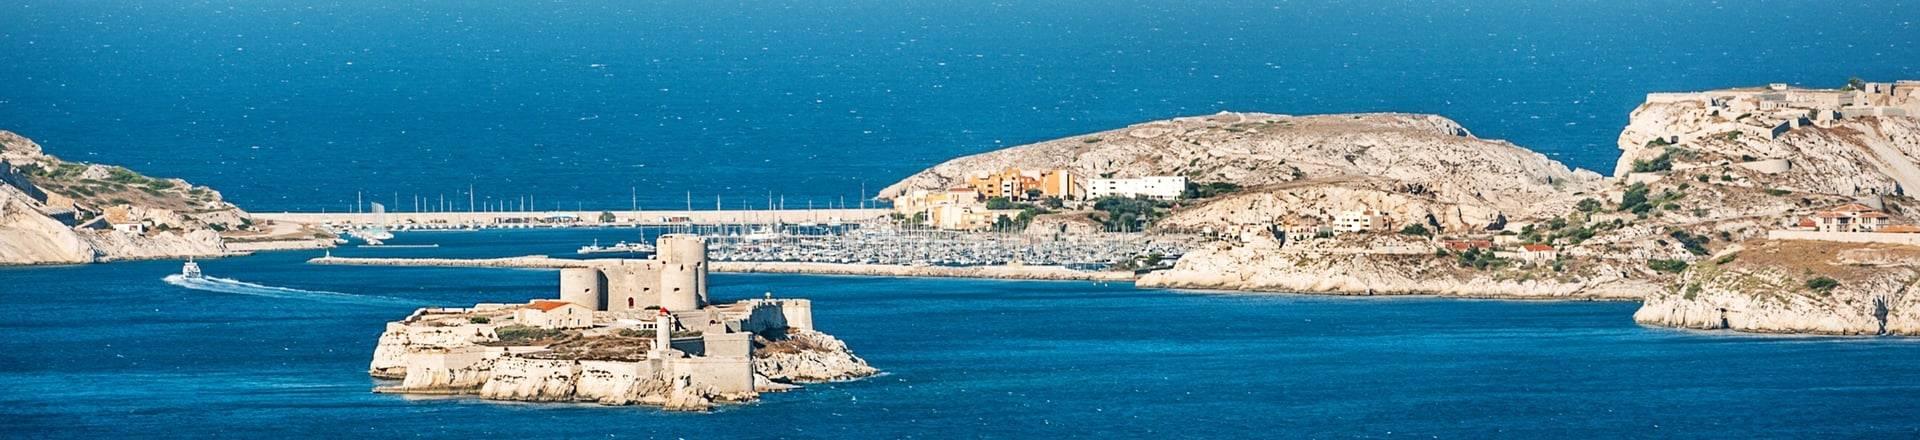 Hoteles en Marsella baratos  Destinia